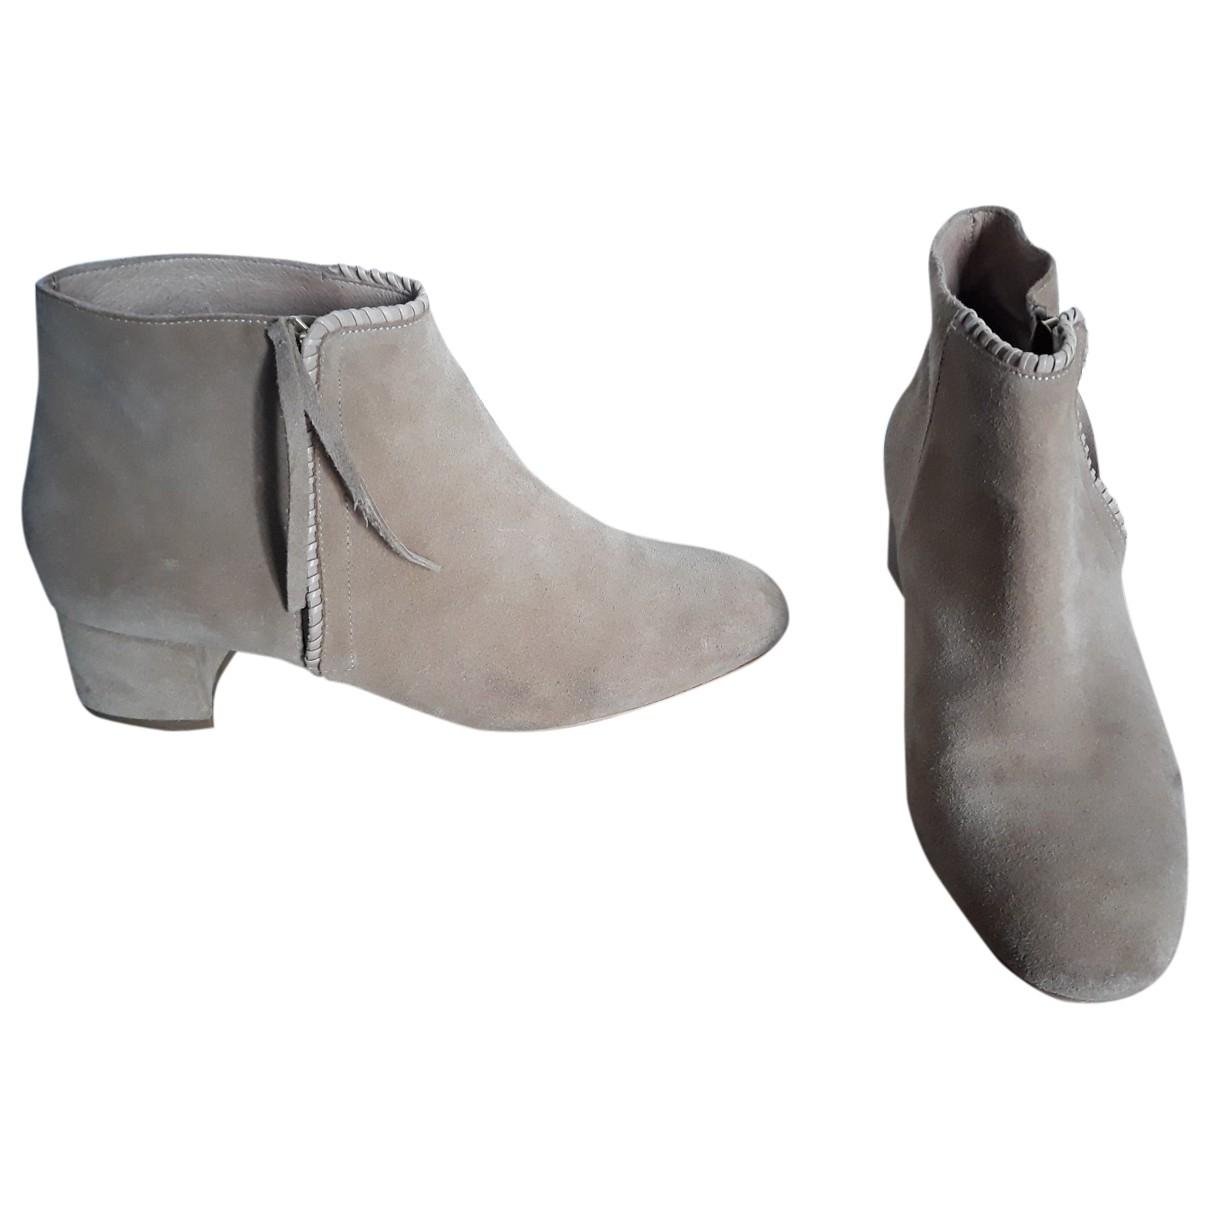 Maje - Boots   pour femme en cuir - beige